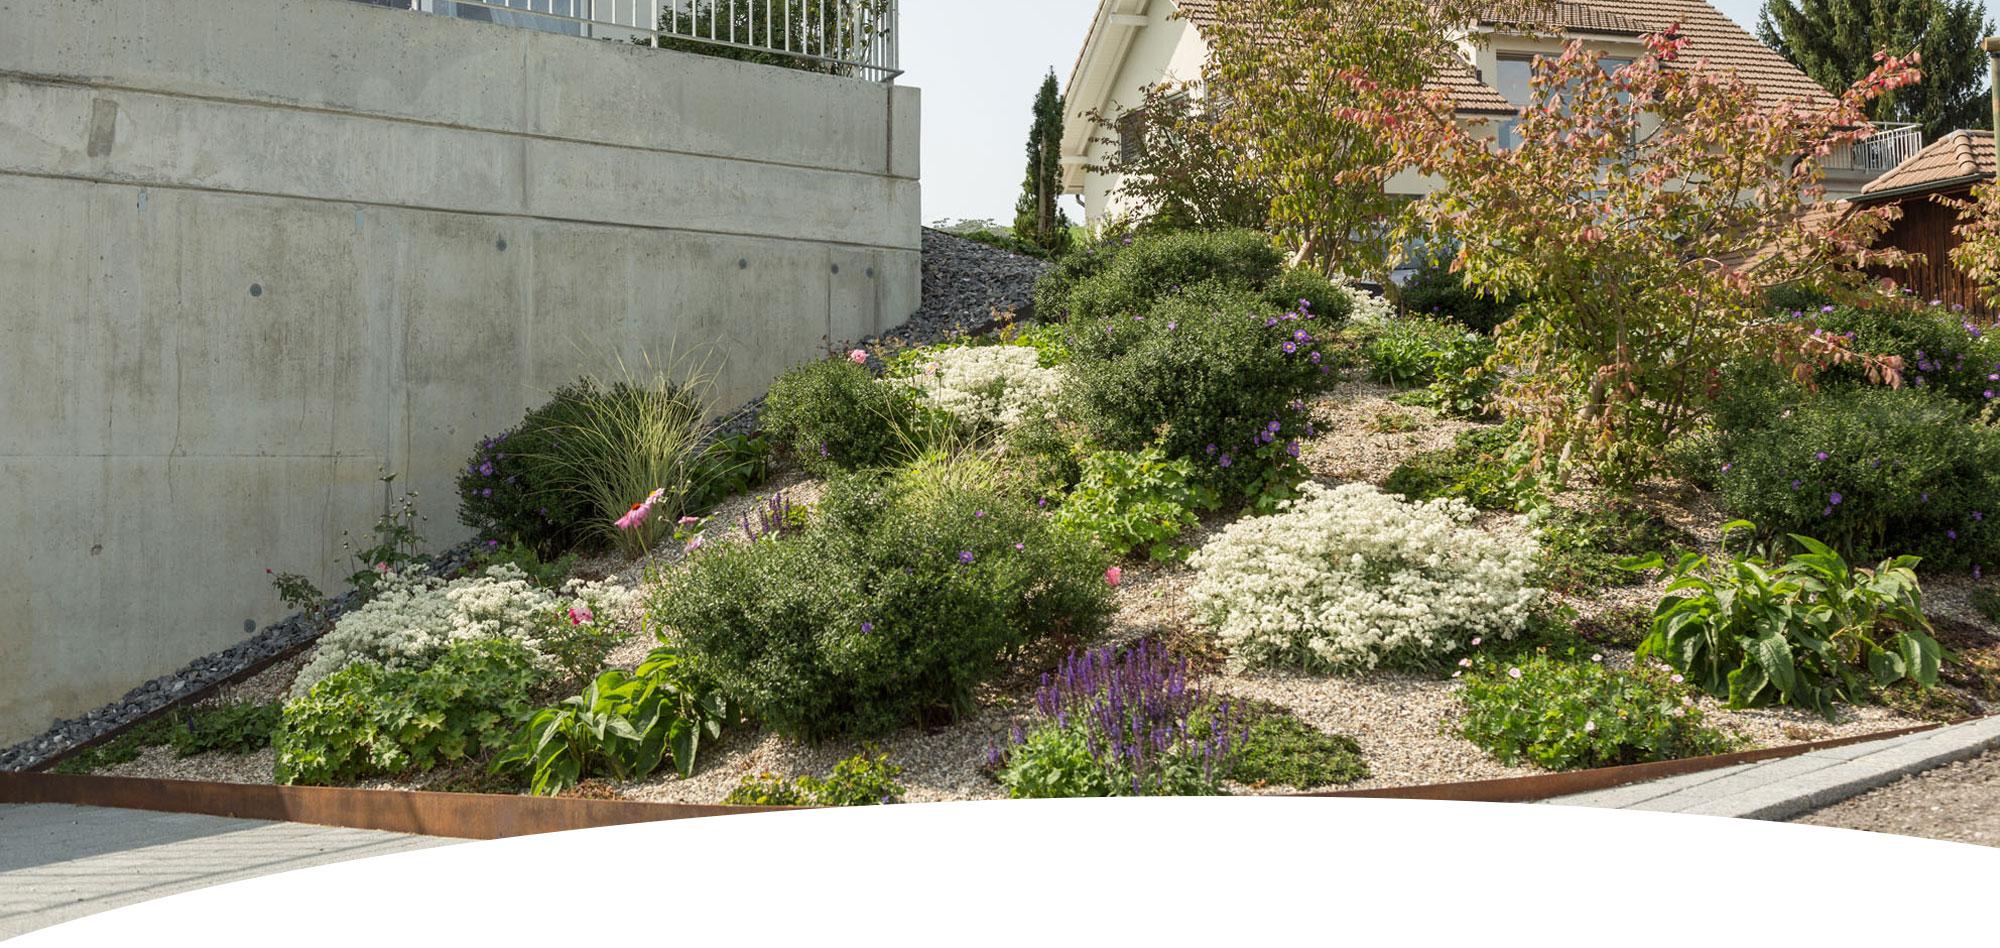 Für die richtige Bepflanzung im Garten sorgt die Wohlfühlgarten Portmann GmbH.